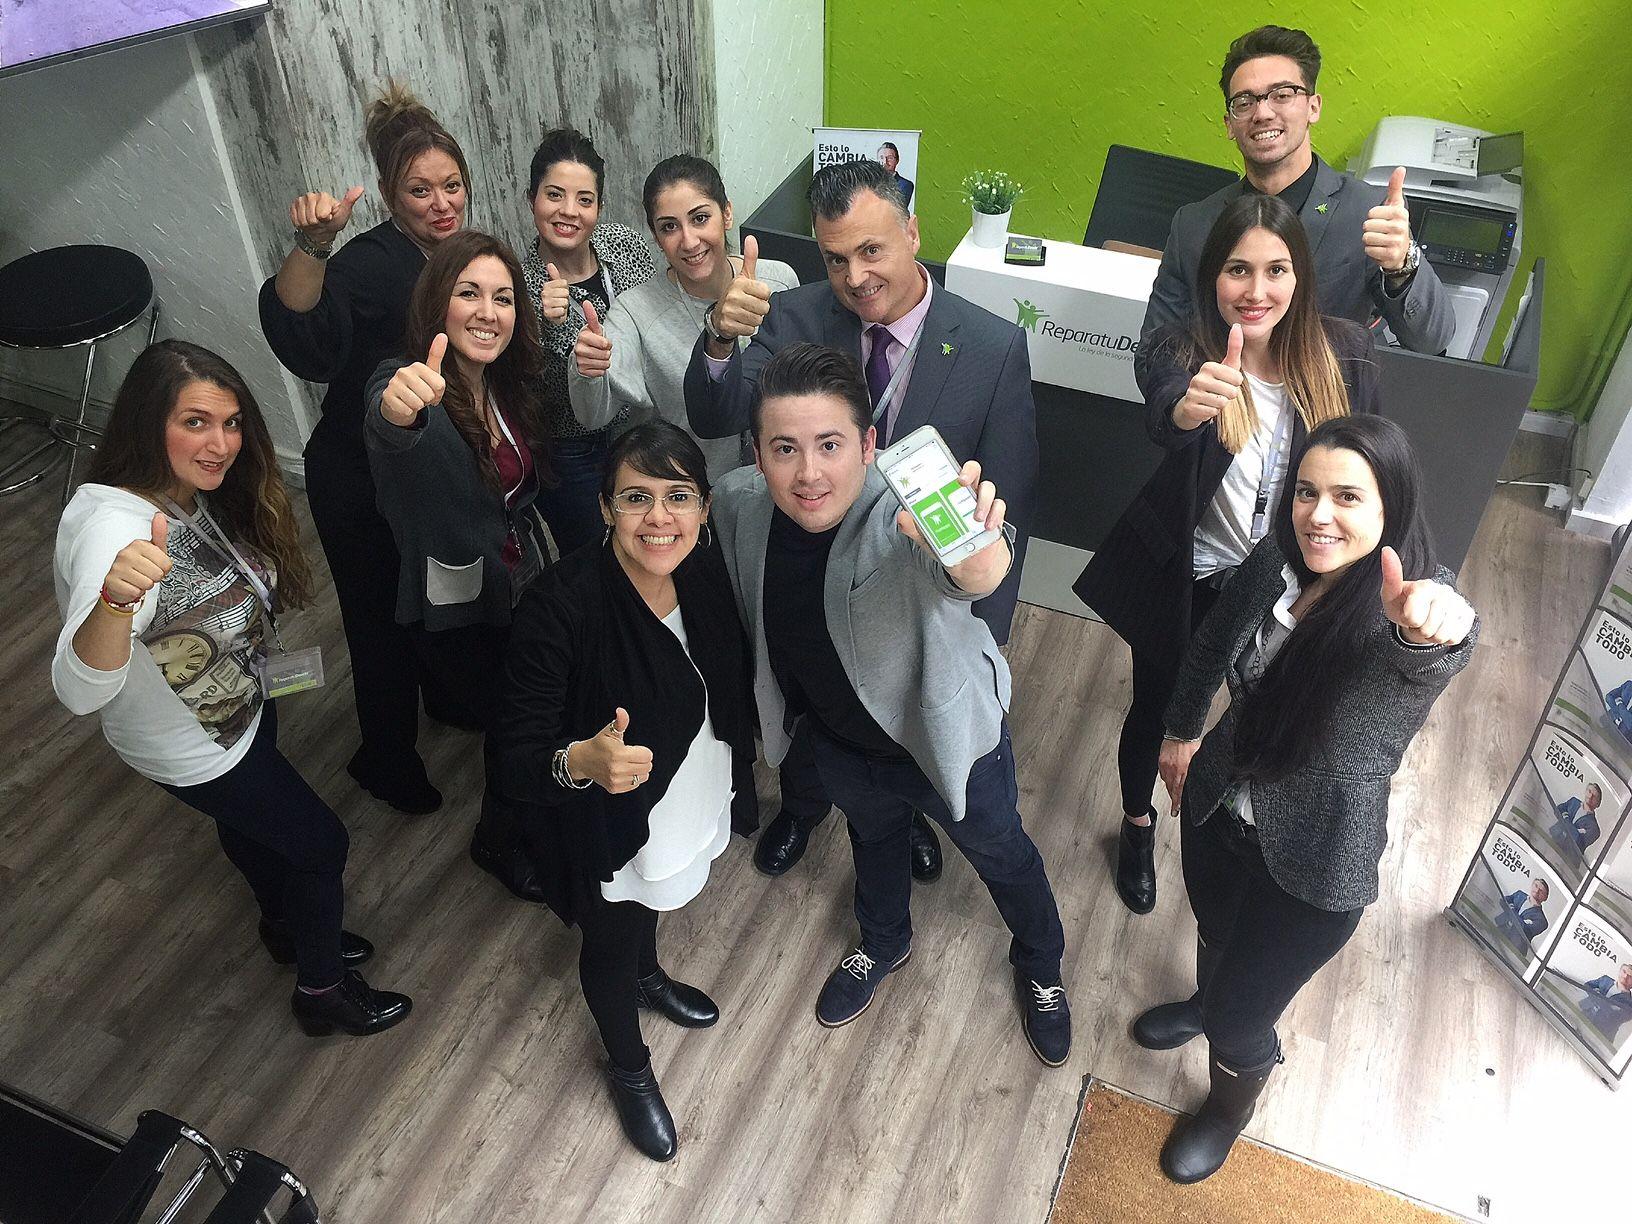 Fotografia Enrique Espinosa con miembros de servicios centrales de